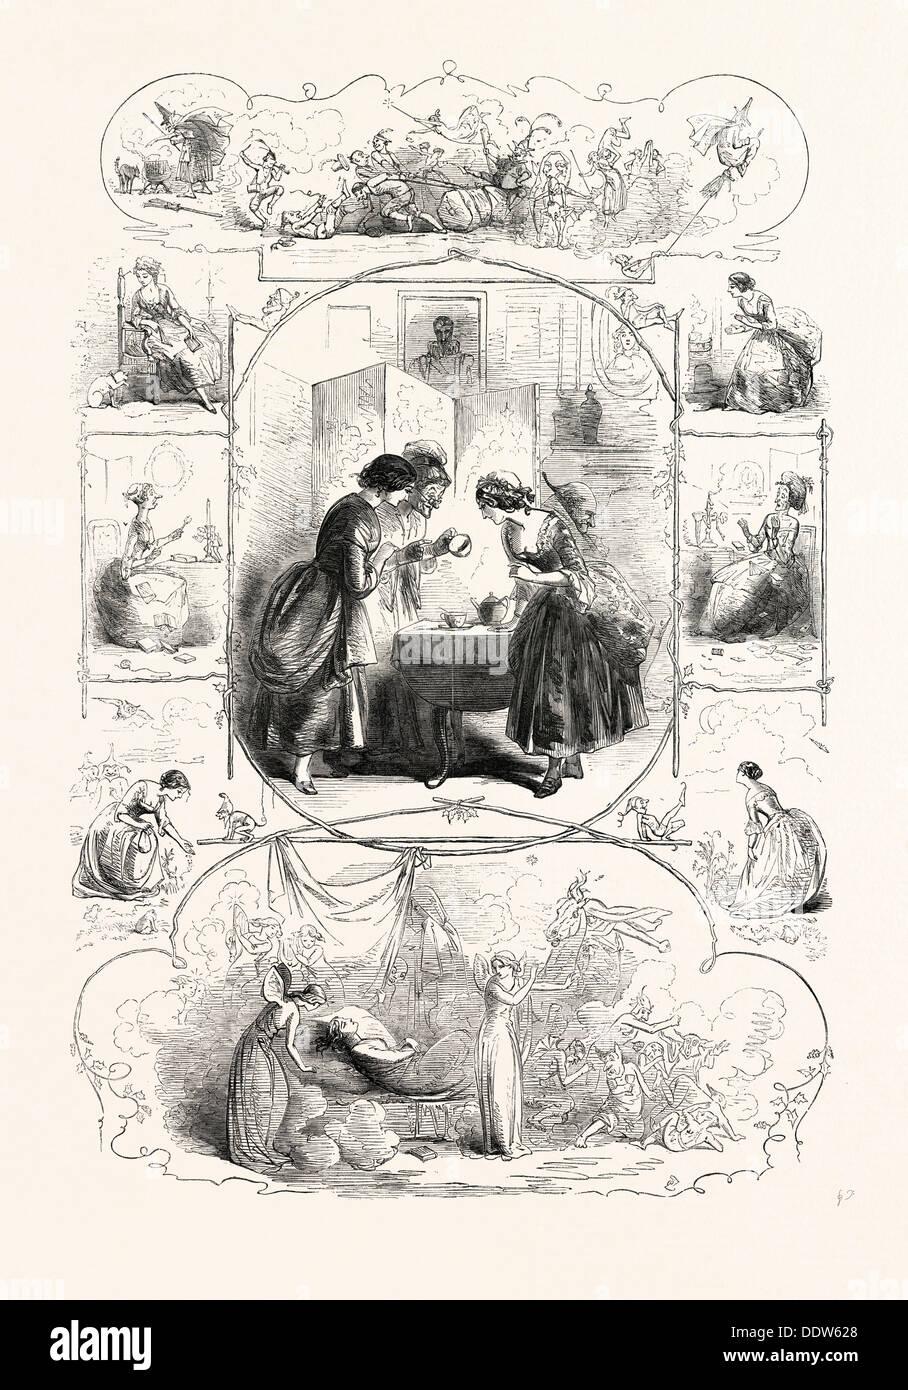 Accueil mythologie, dessiné par PHIZ Photo Stock